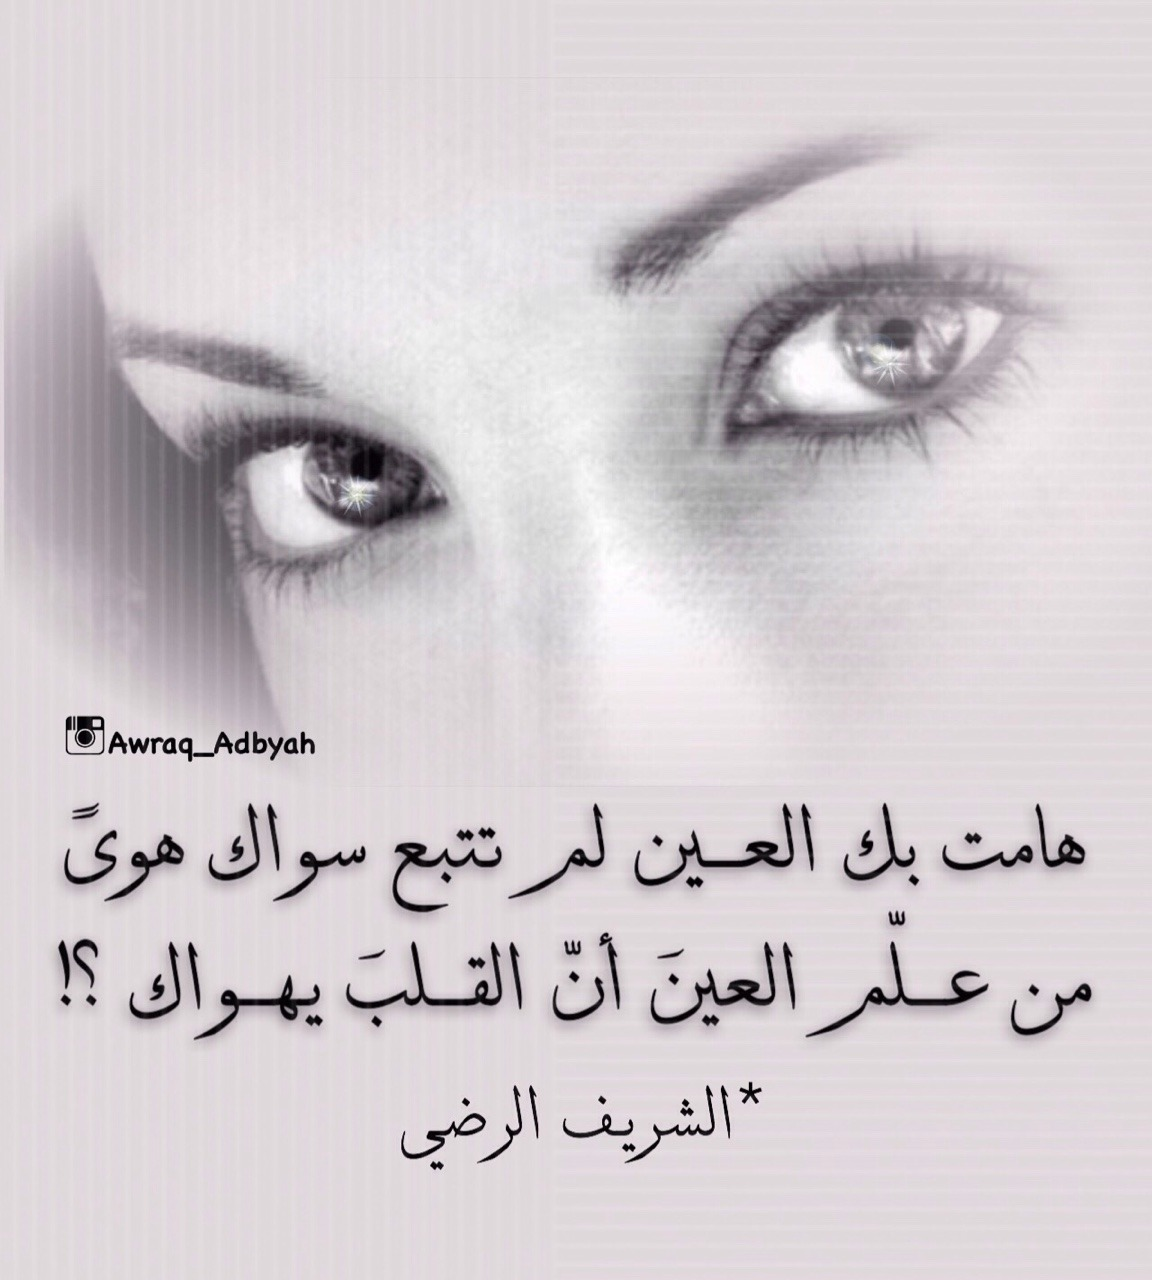 شعر قصير عن العيون الكحيله Shaer Blog